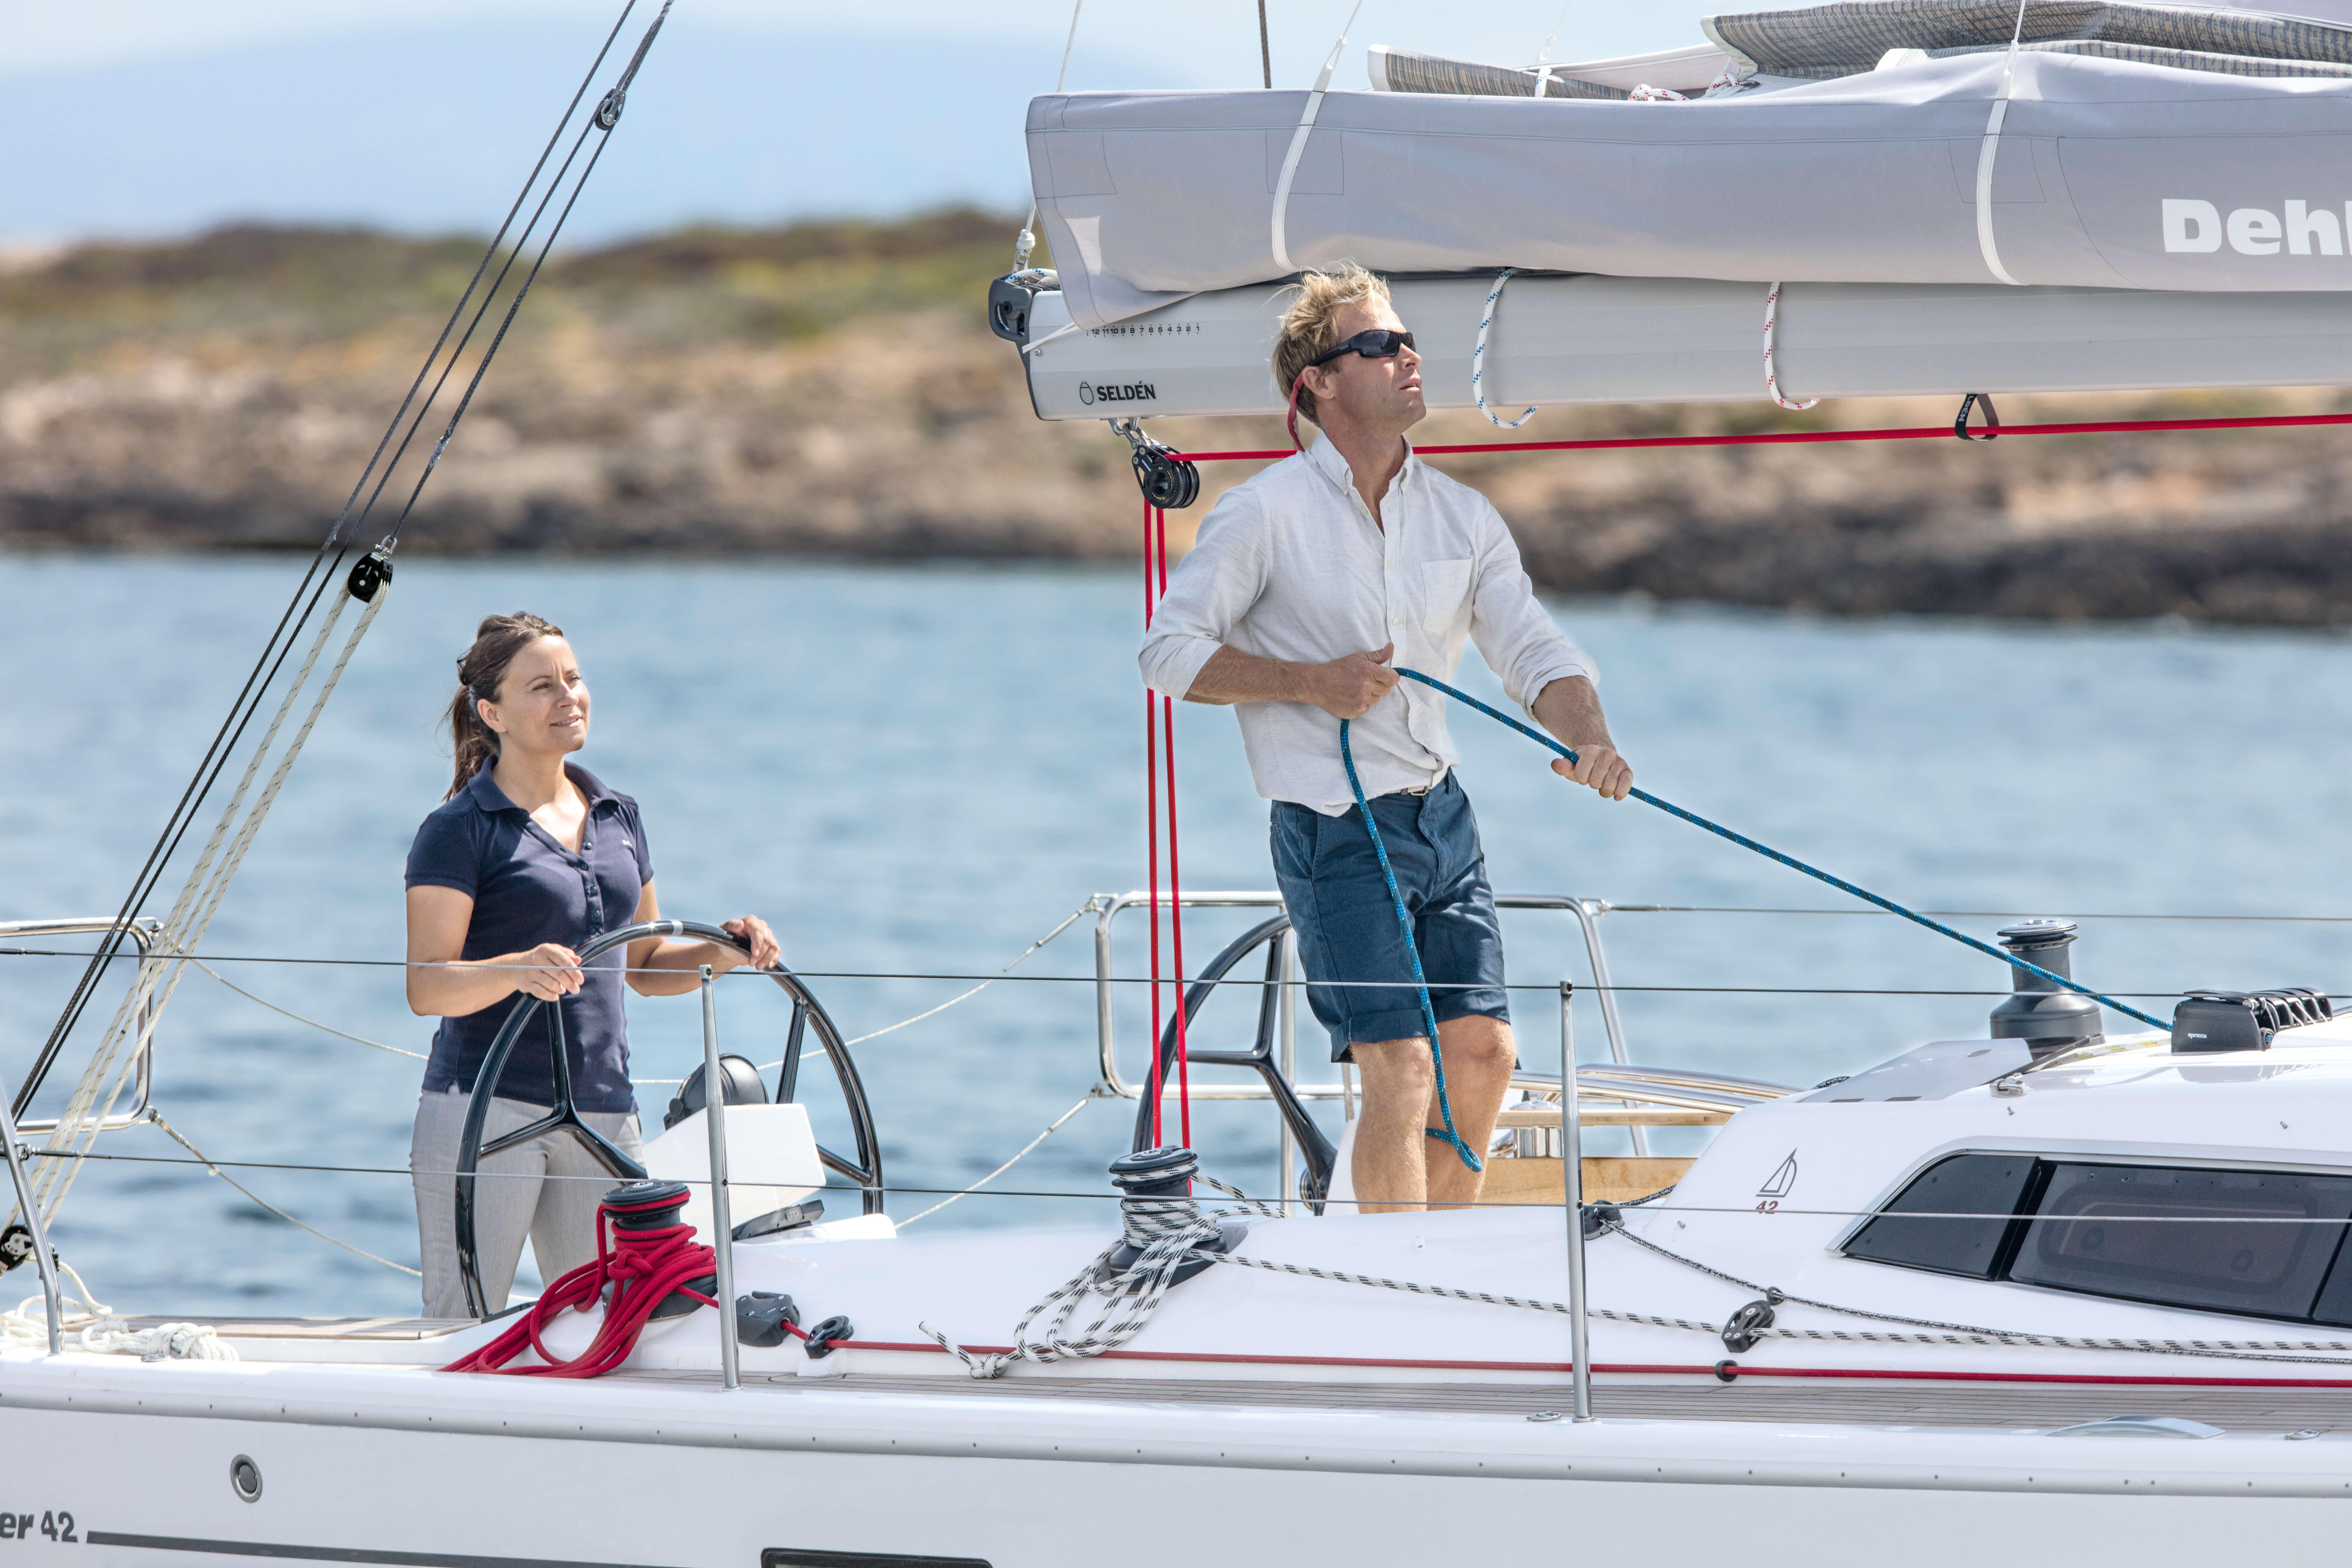 Dehler 42 Exterior Sailing | Dehler 42_Segeln_16_0516_010.jpg | Dehler